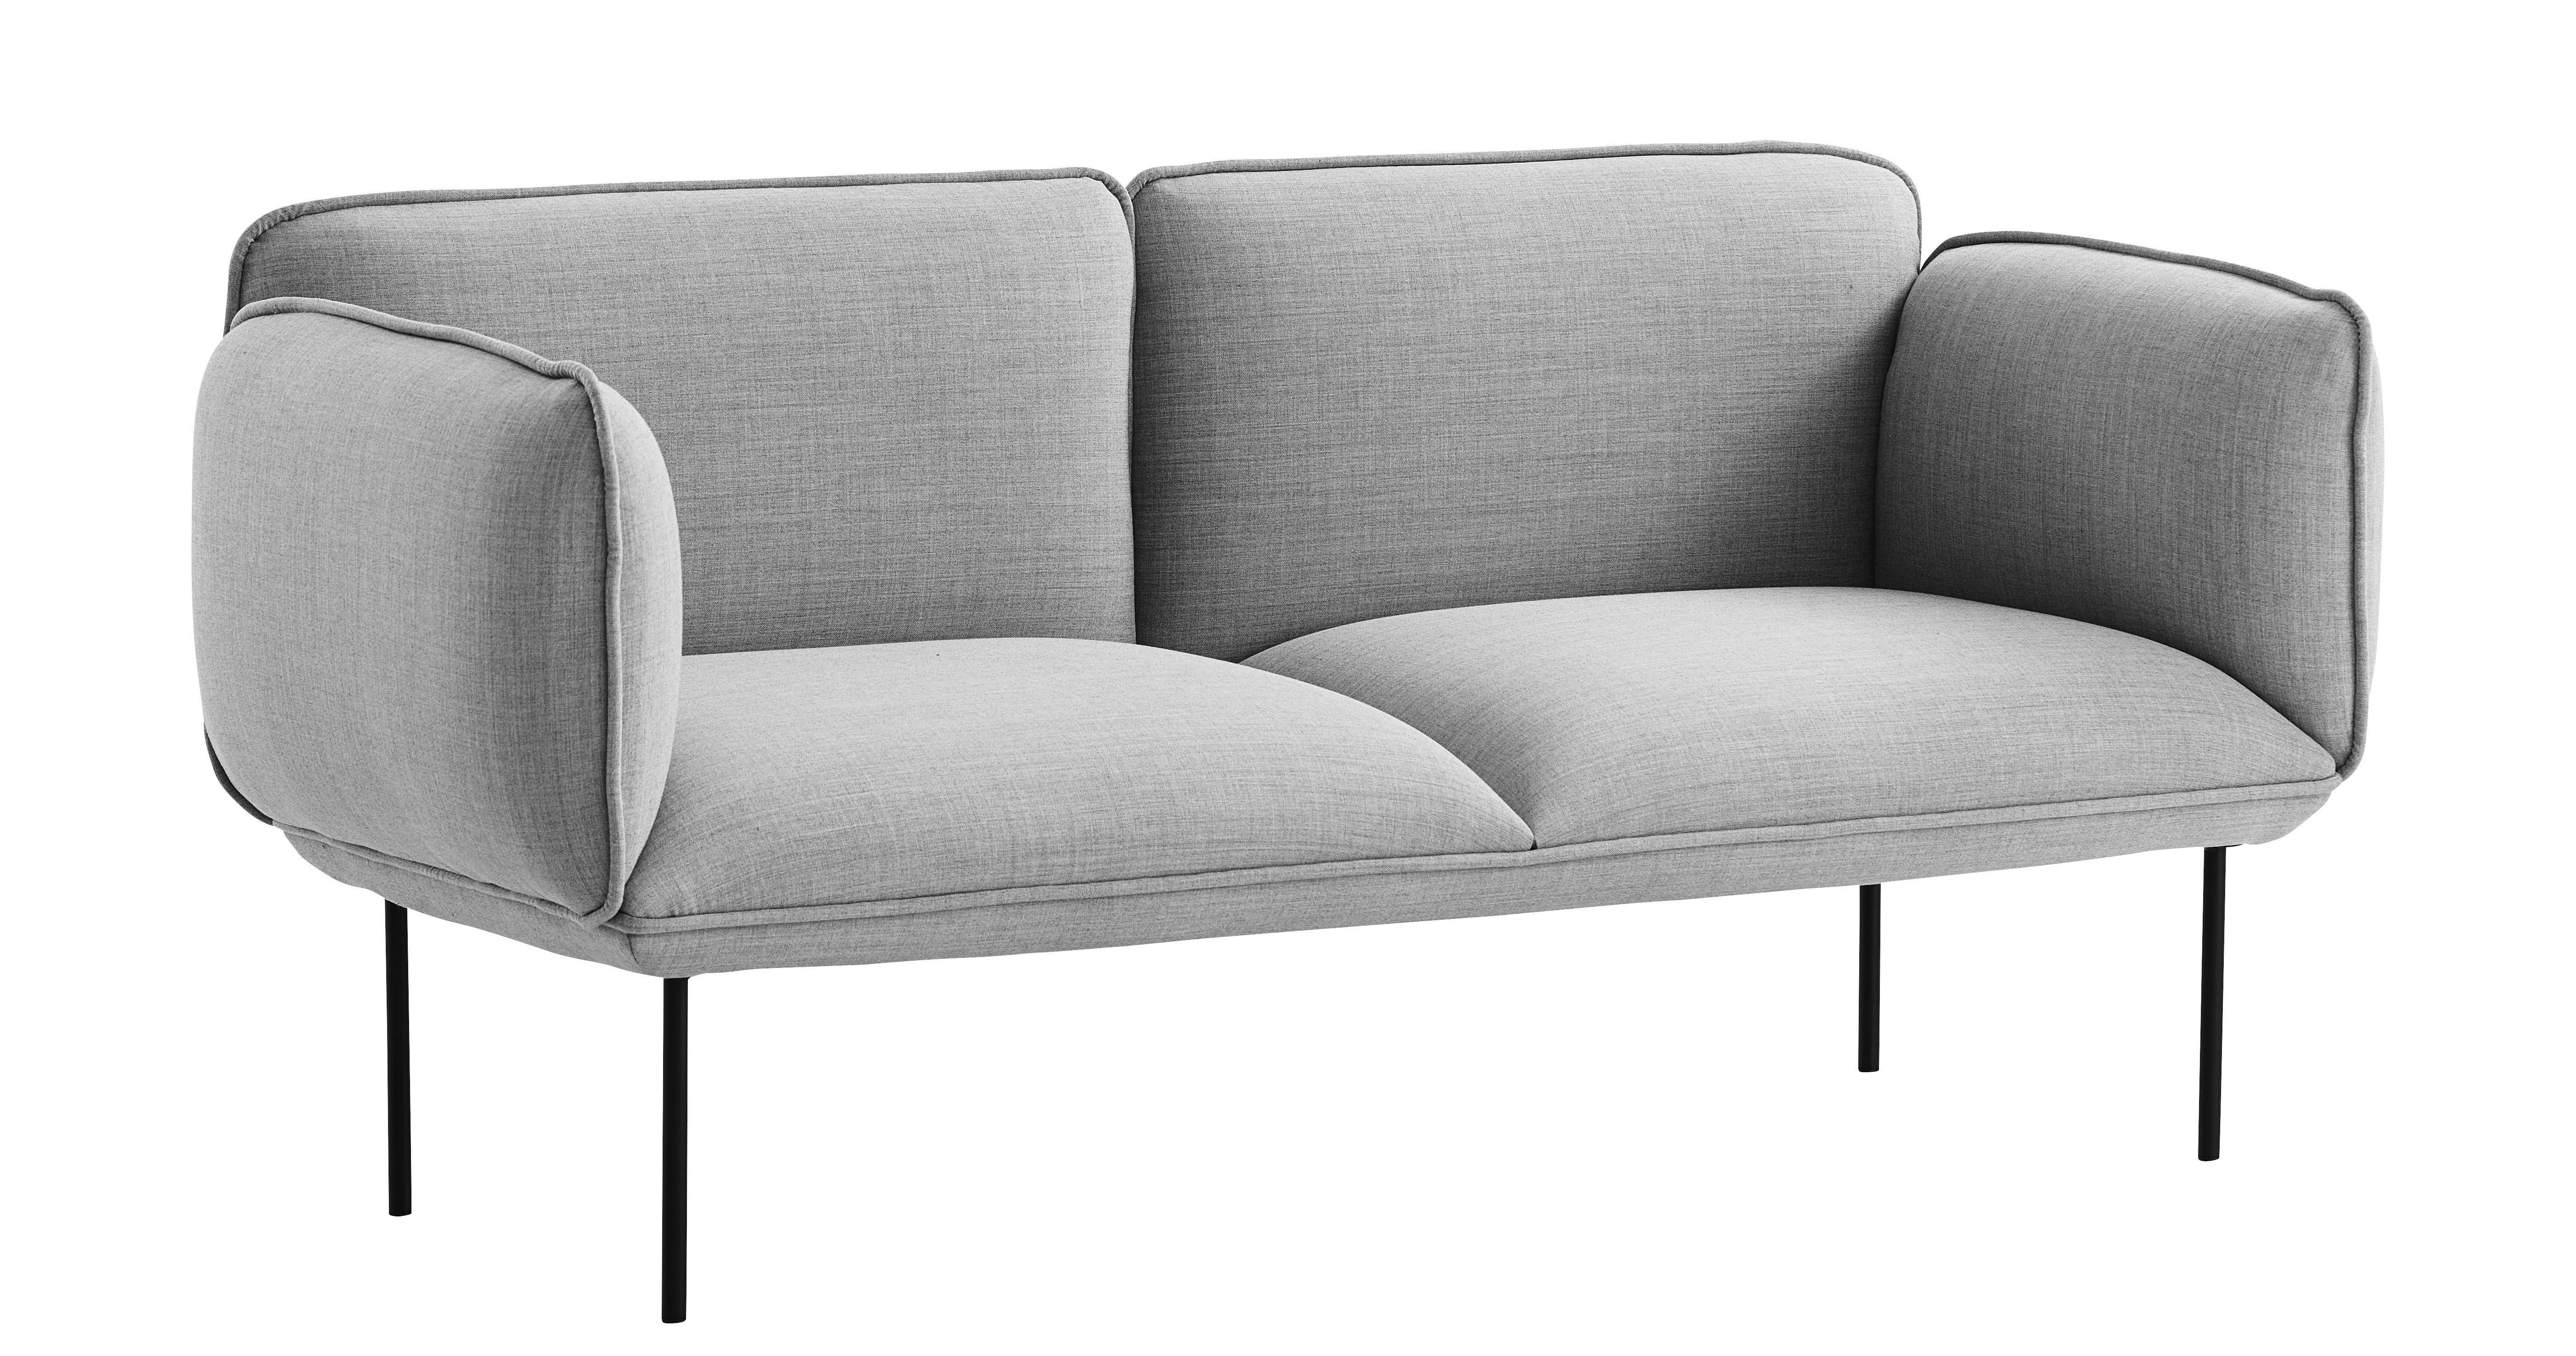 canap droit nakki 2 places l 180 cm gris woud. Black Bedroom Furniture Sets. Home Design Ideas